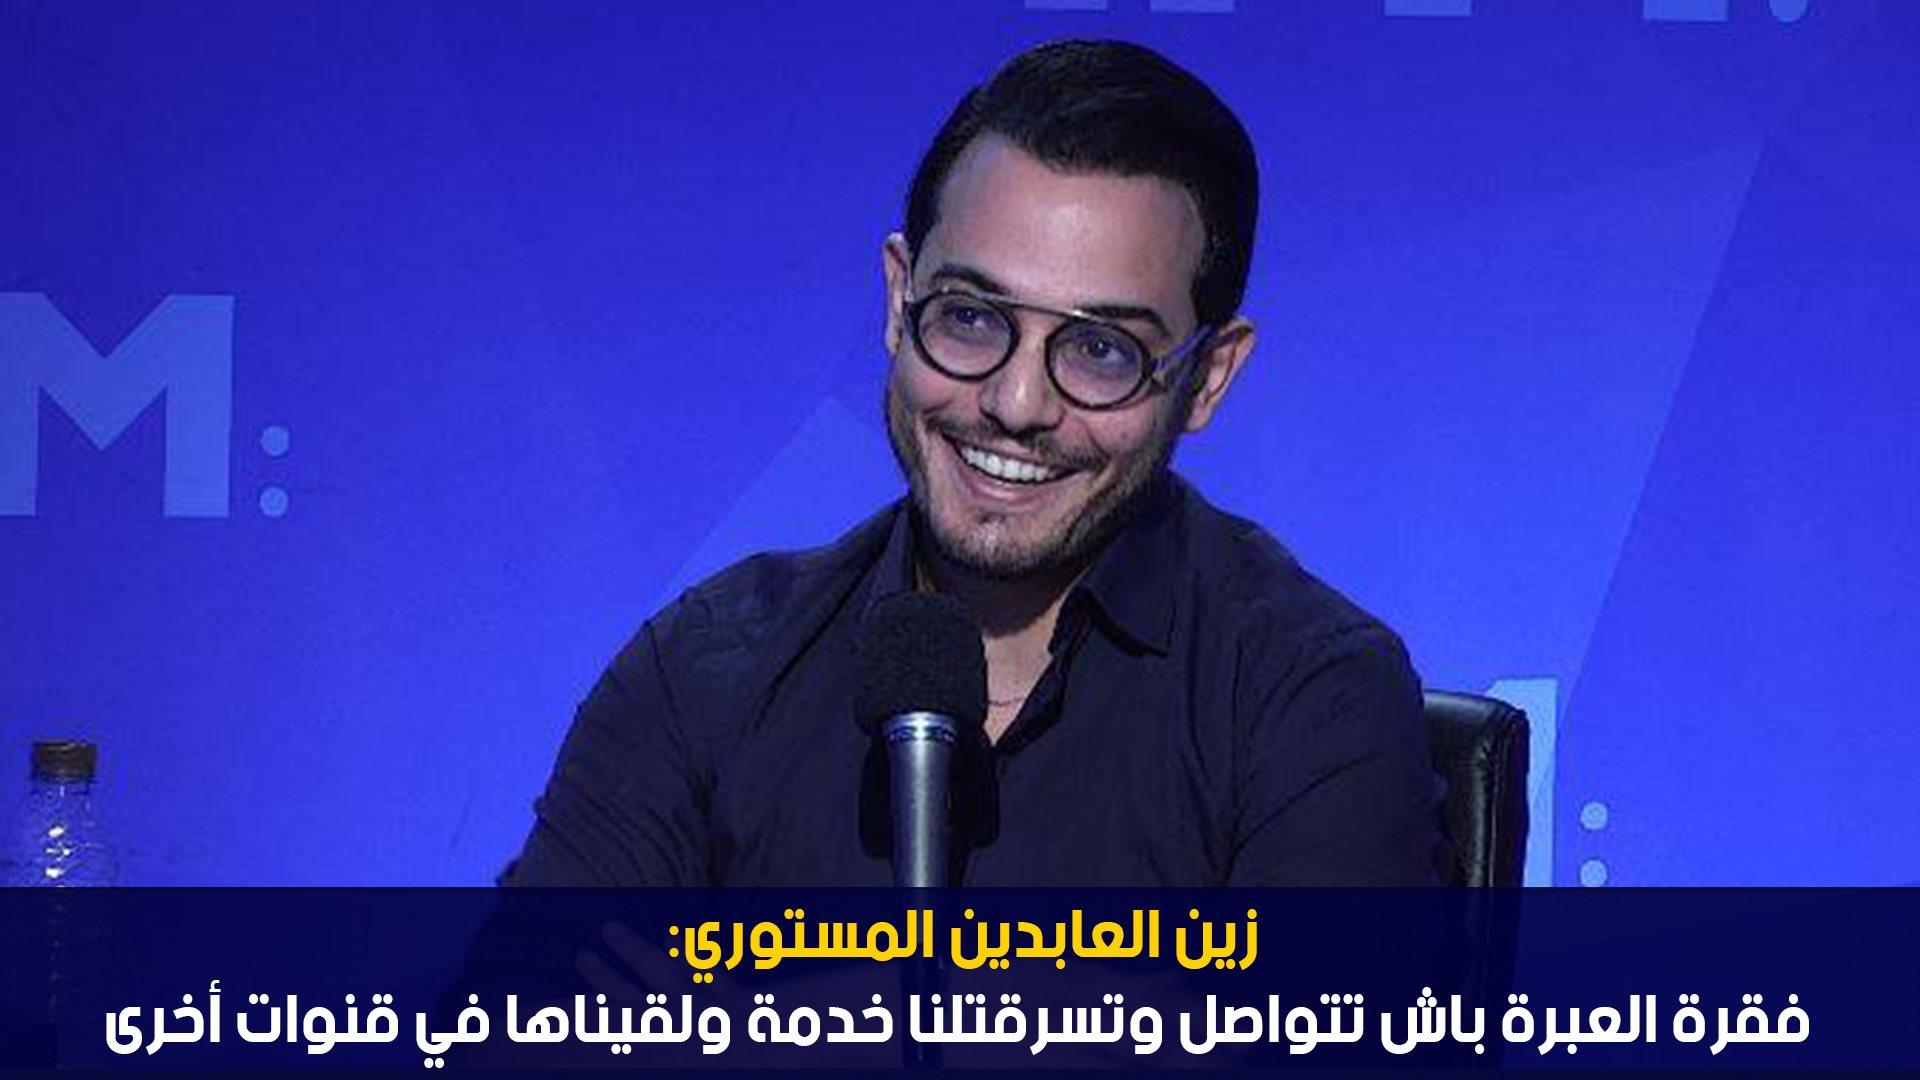 زين العابدين المستوري: فقرة العبرة باش تتواصل وتسرقتلنا خدمة ولقيناها في قنوات أخرى